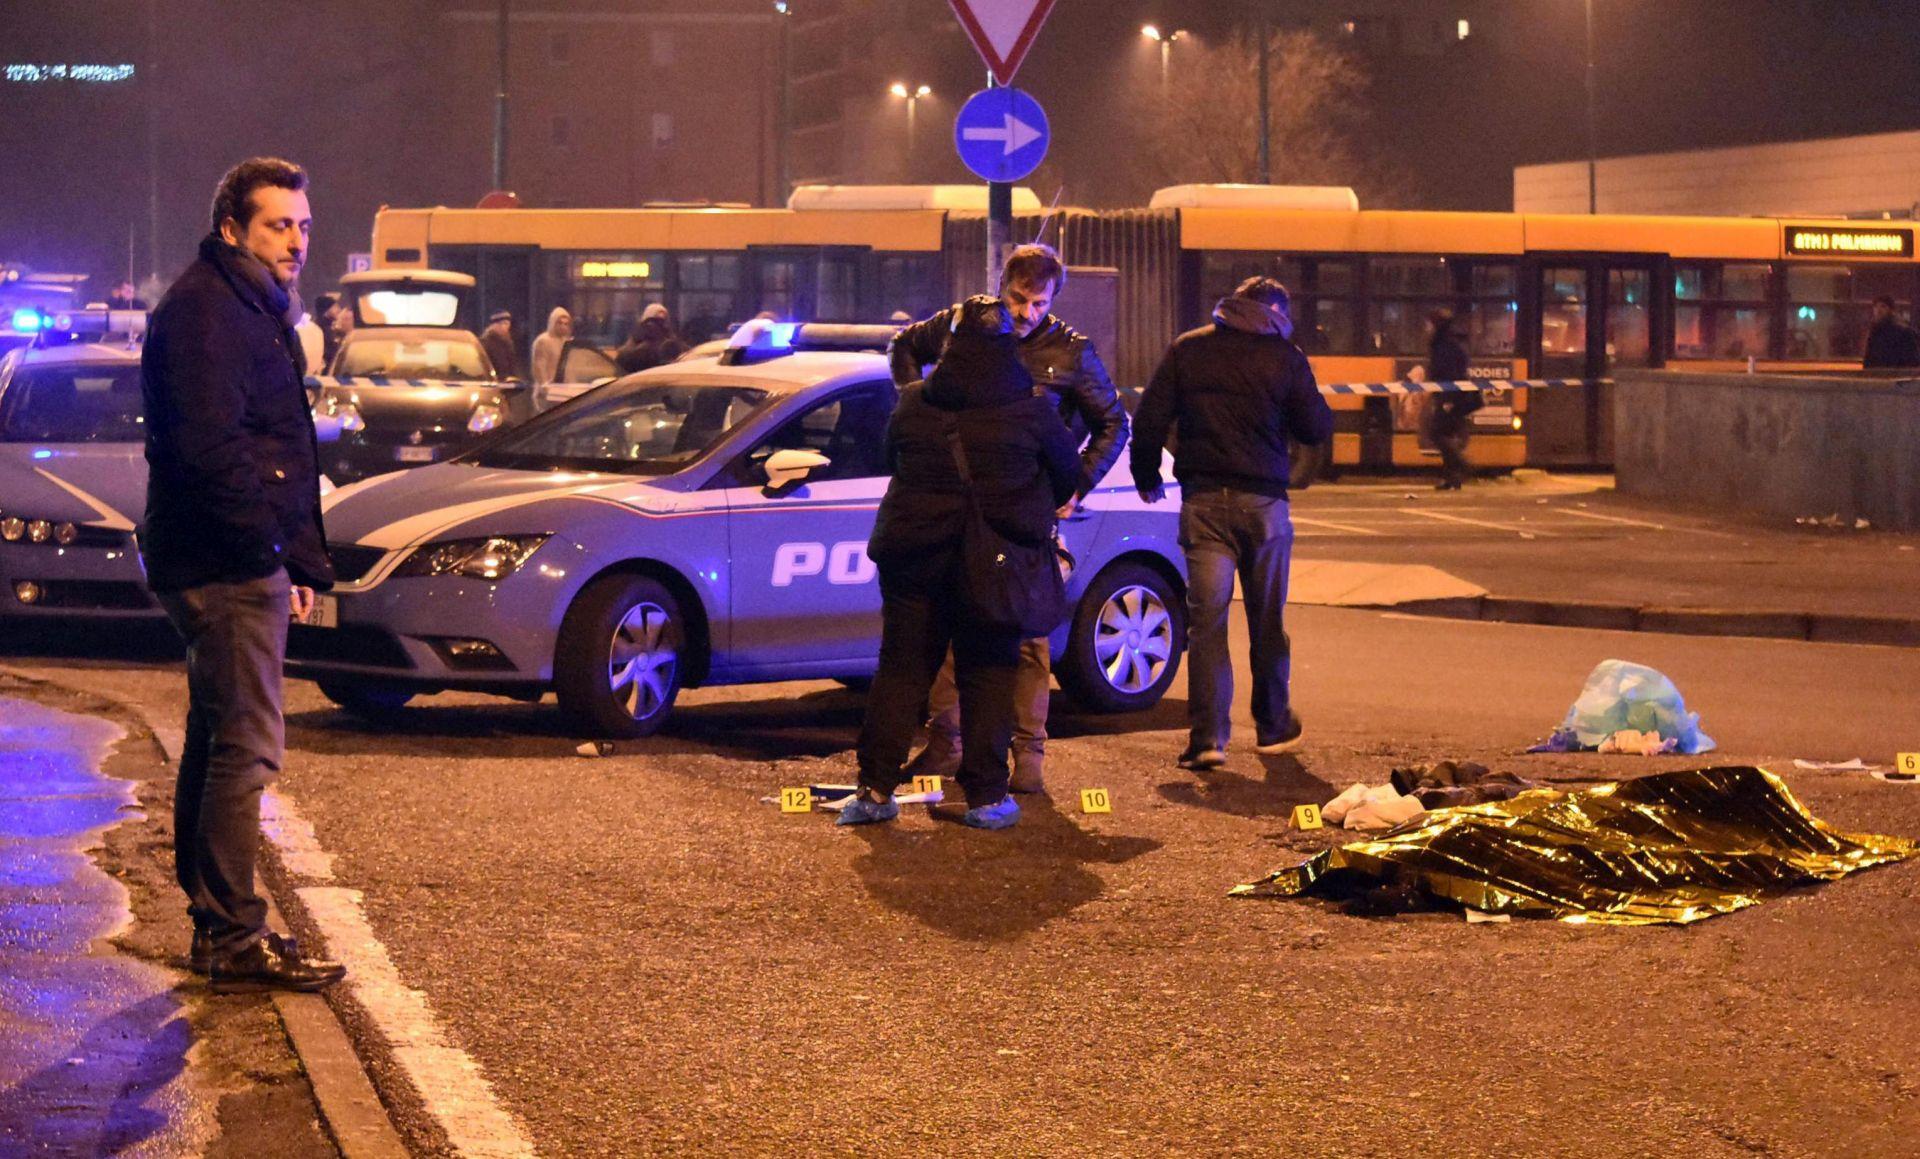 Talijanski policajac koji je ubio Amrija u velikoj je opasnosti